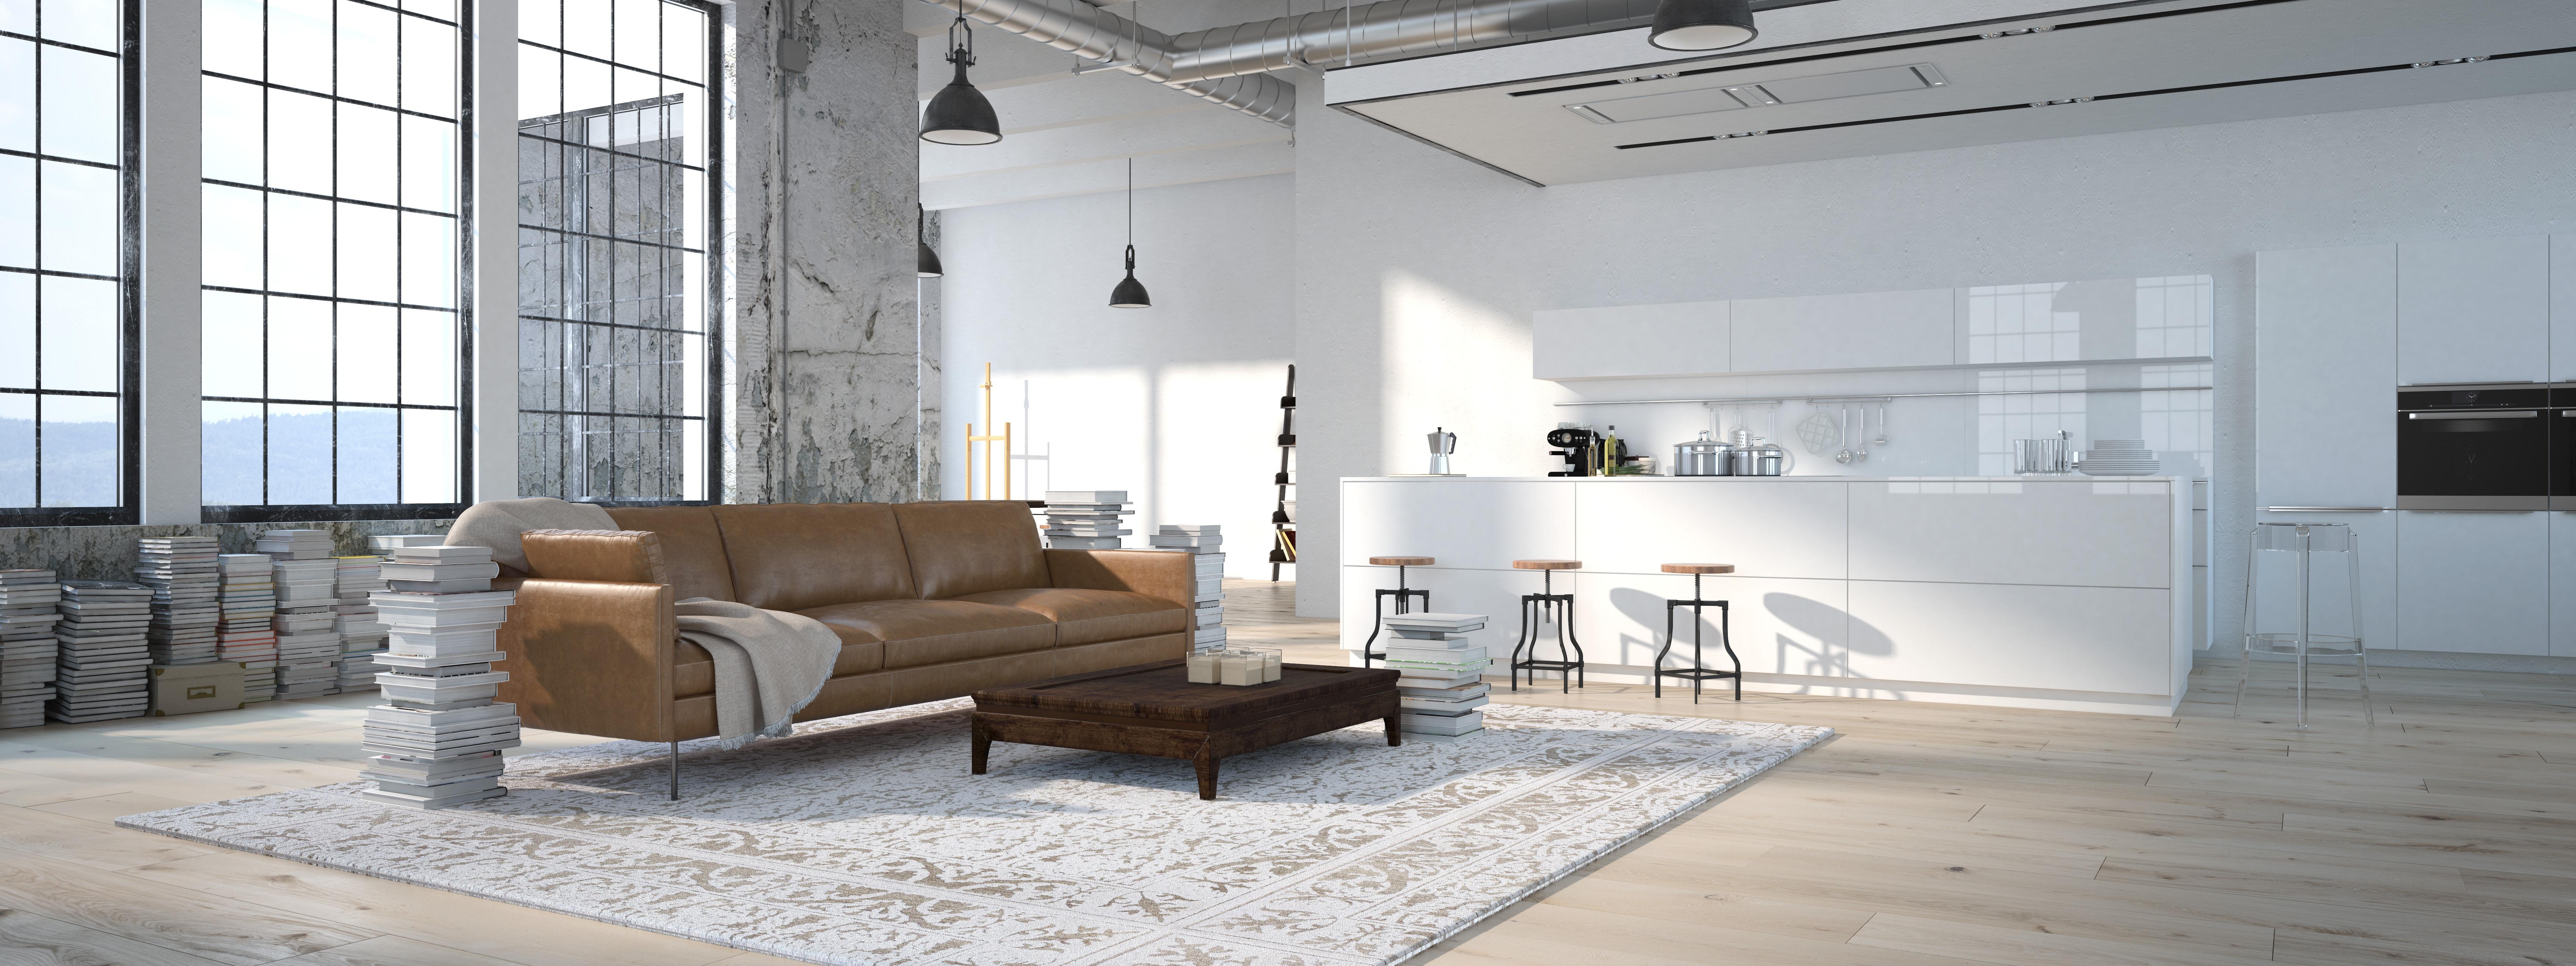 Pros y contras de contratar a un dise ador de interiores - Disenador de interiores famoso ...